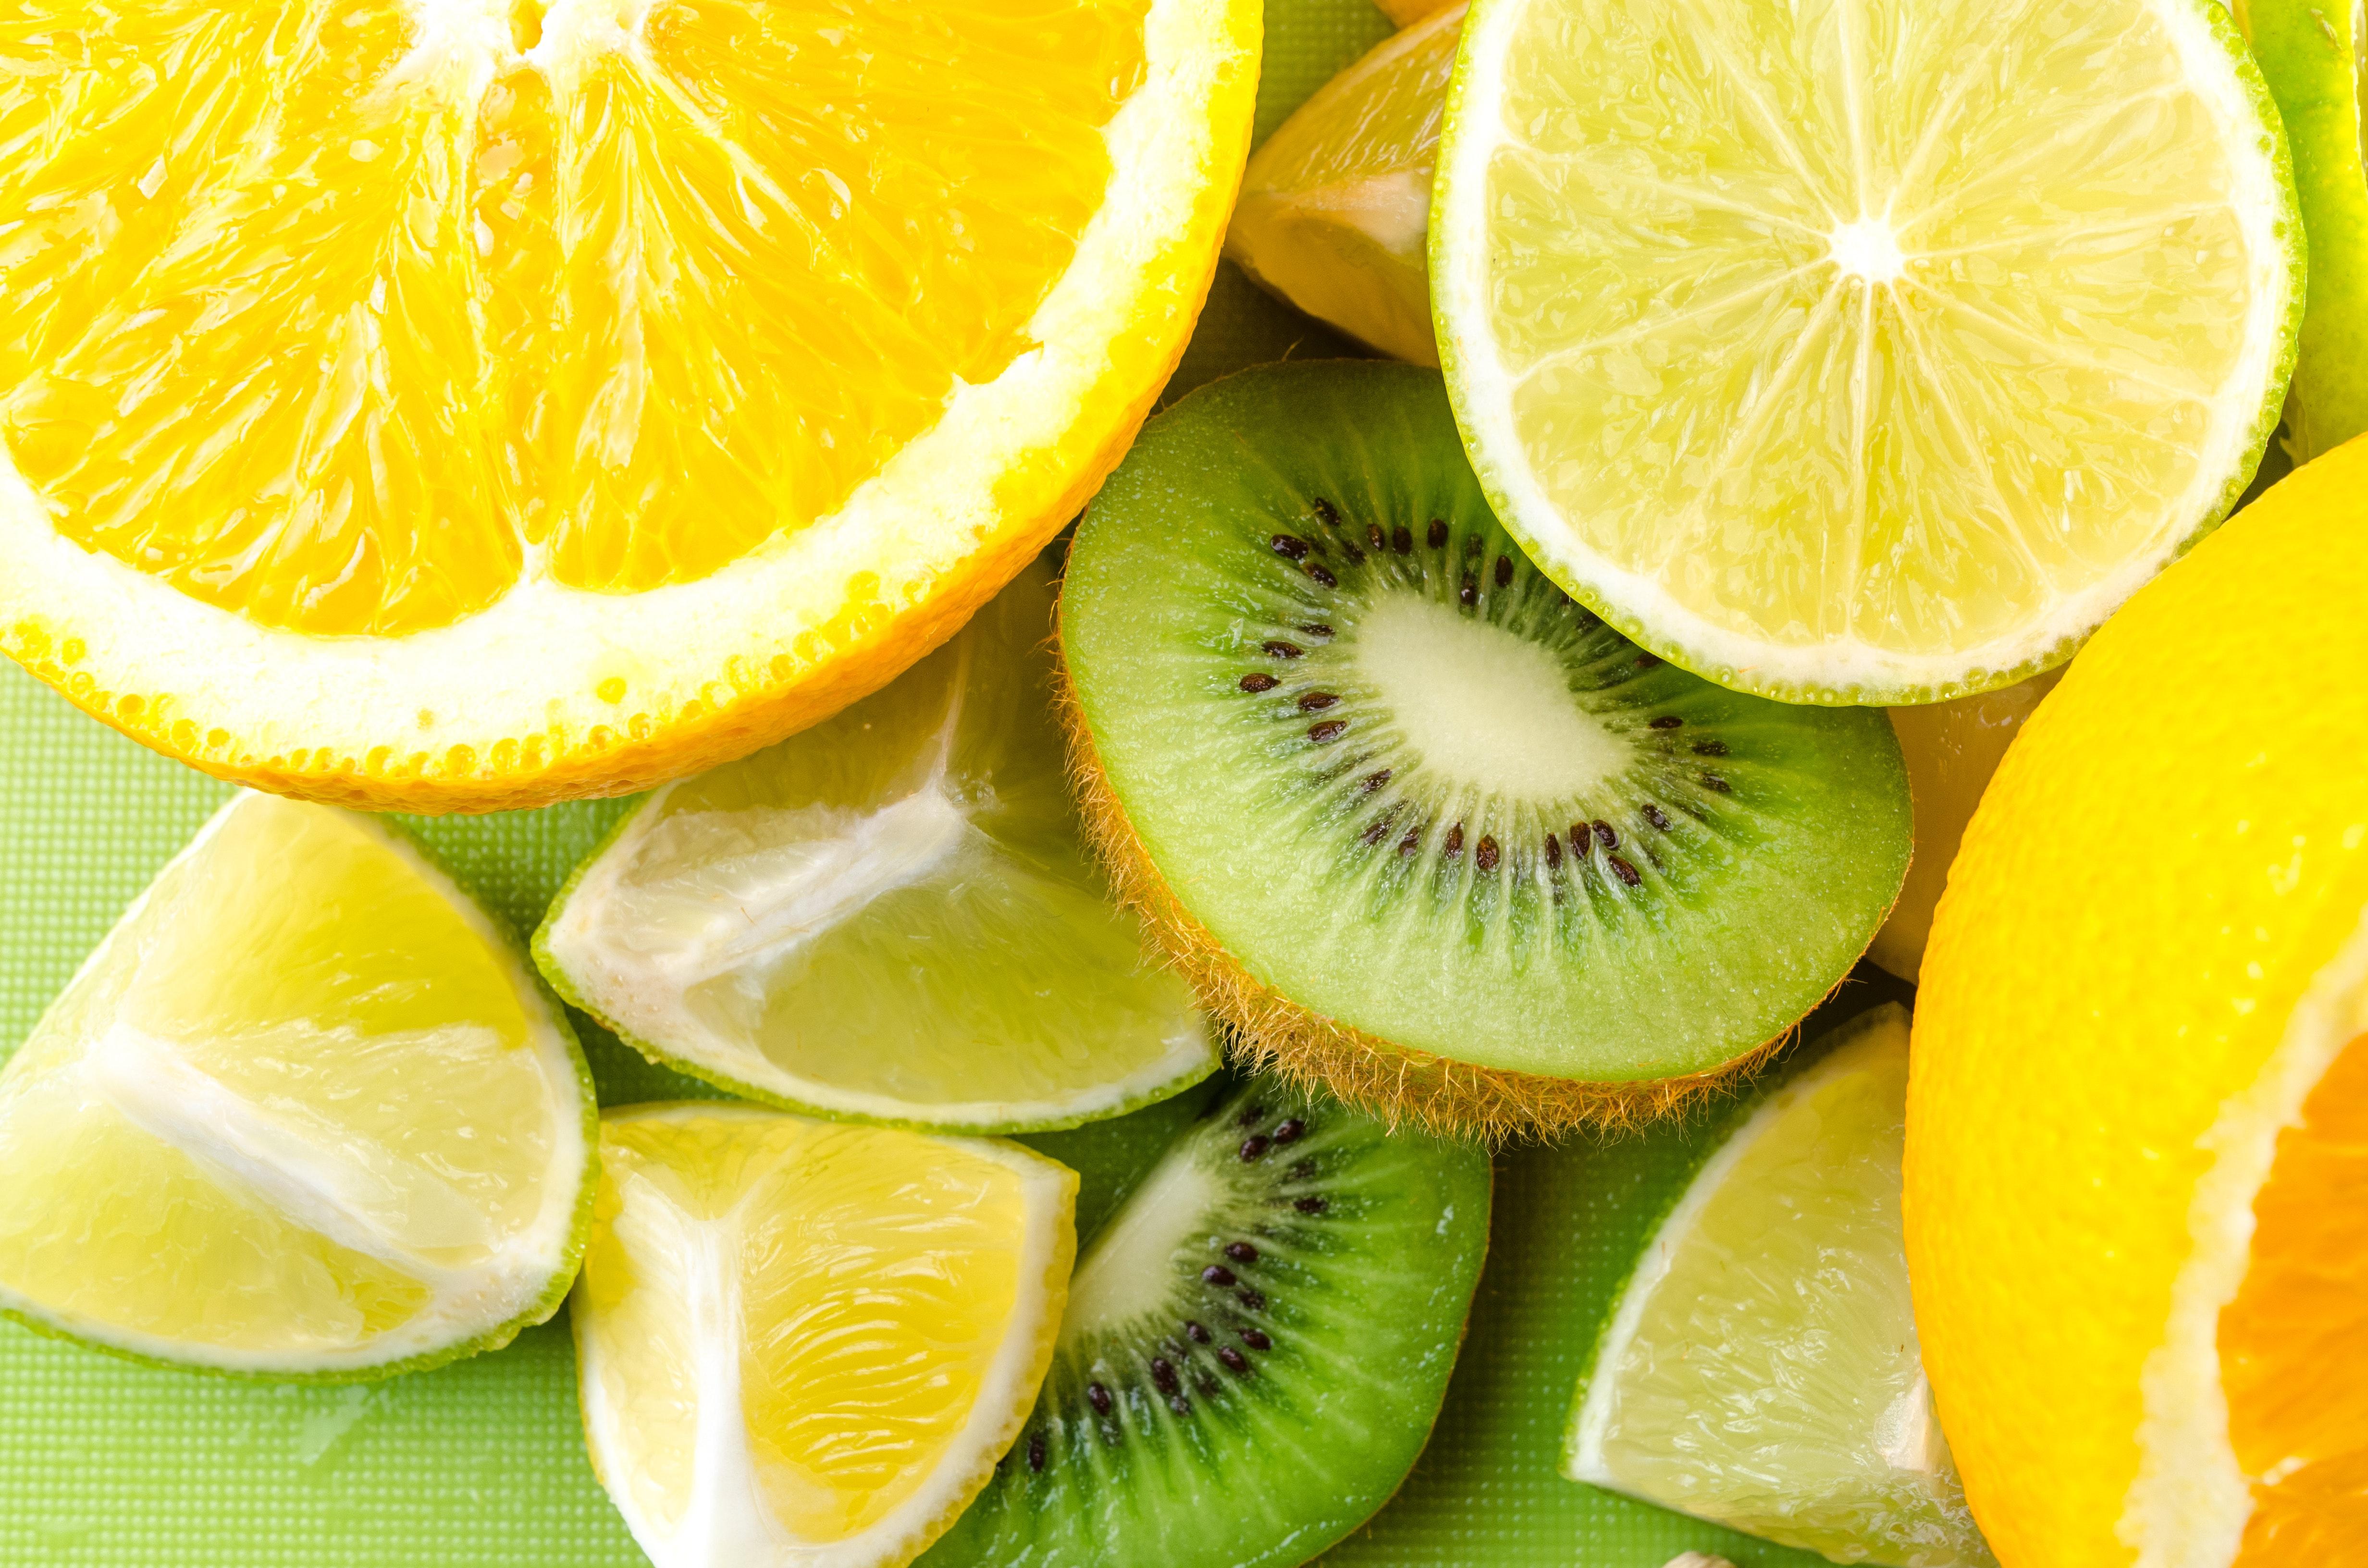 фотографии фрукта лайм нет какого-то четкого